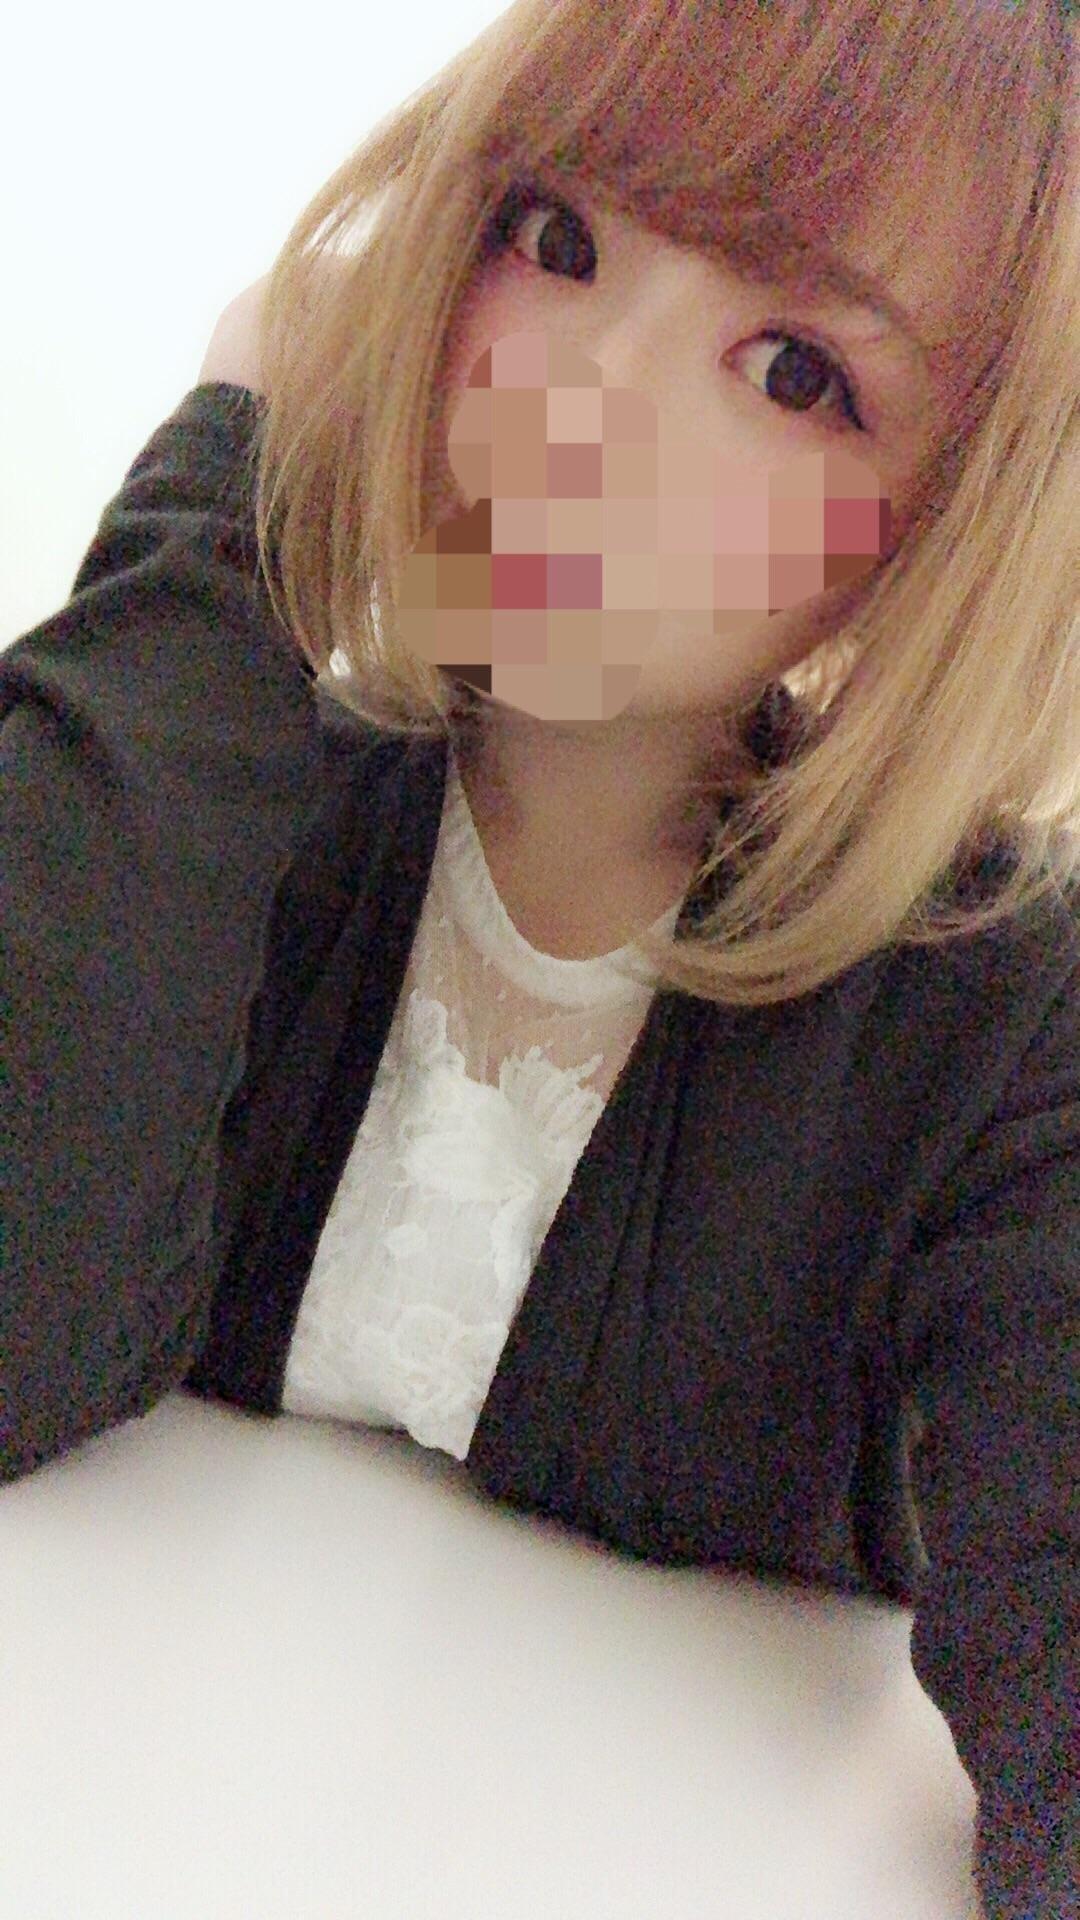 「お礼♪」10/21(日) 17:00 | みきの写メ・風俗動画